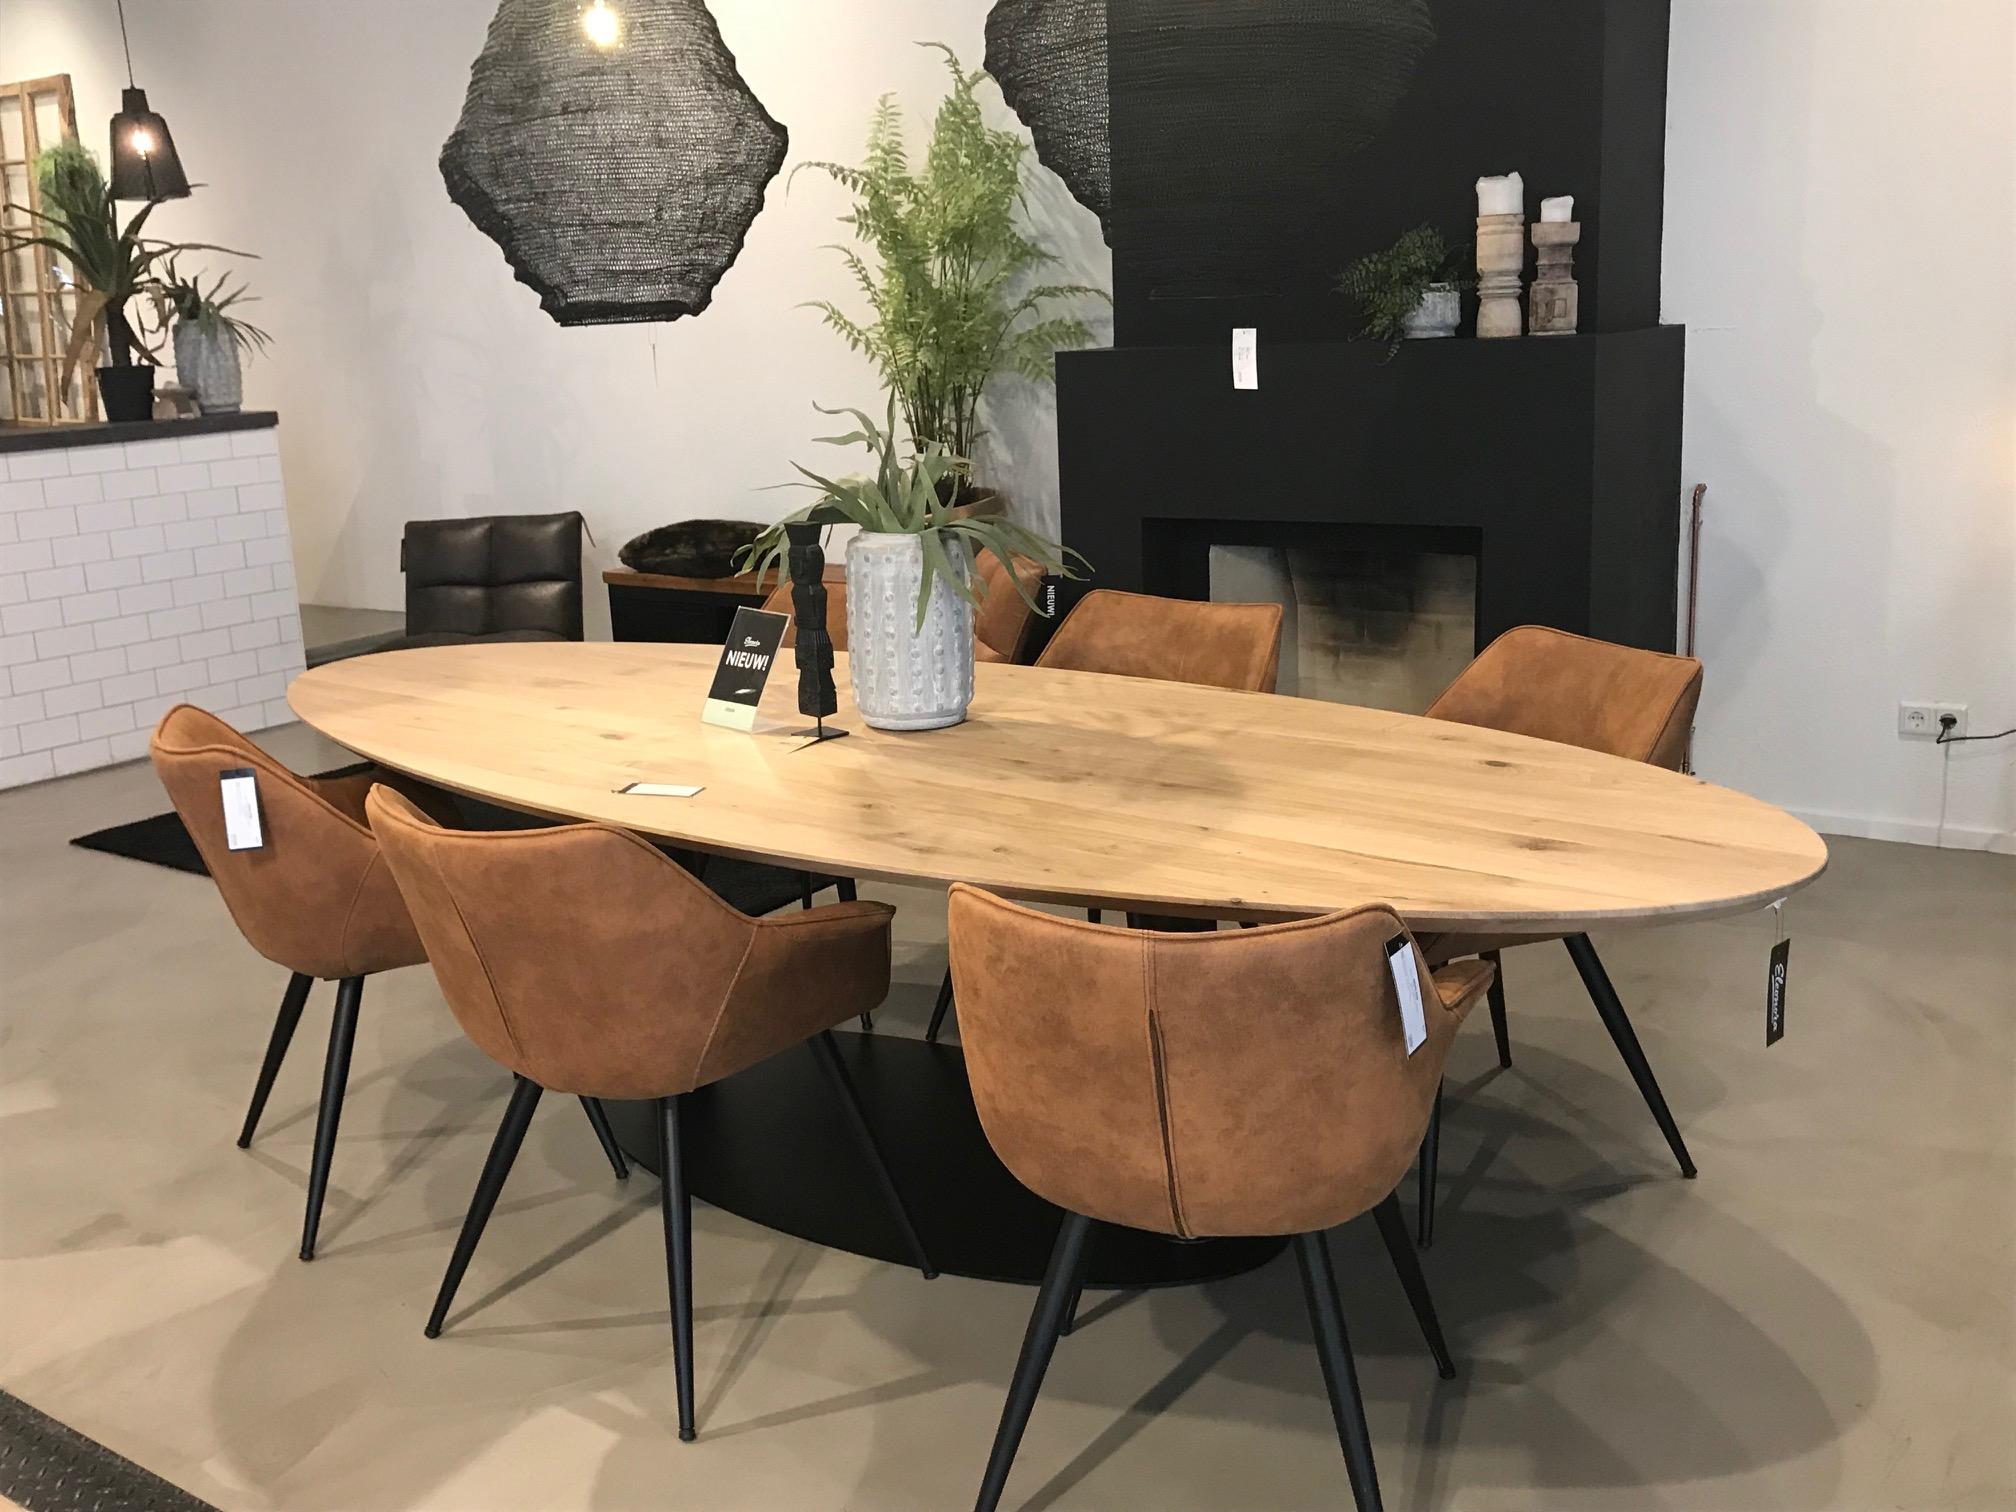 Esstisch Dining oval 300 x 120 cm Eiche Massivholz Natur   New   Maison ESTO   Ihr großer Möbel ...